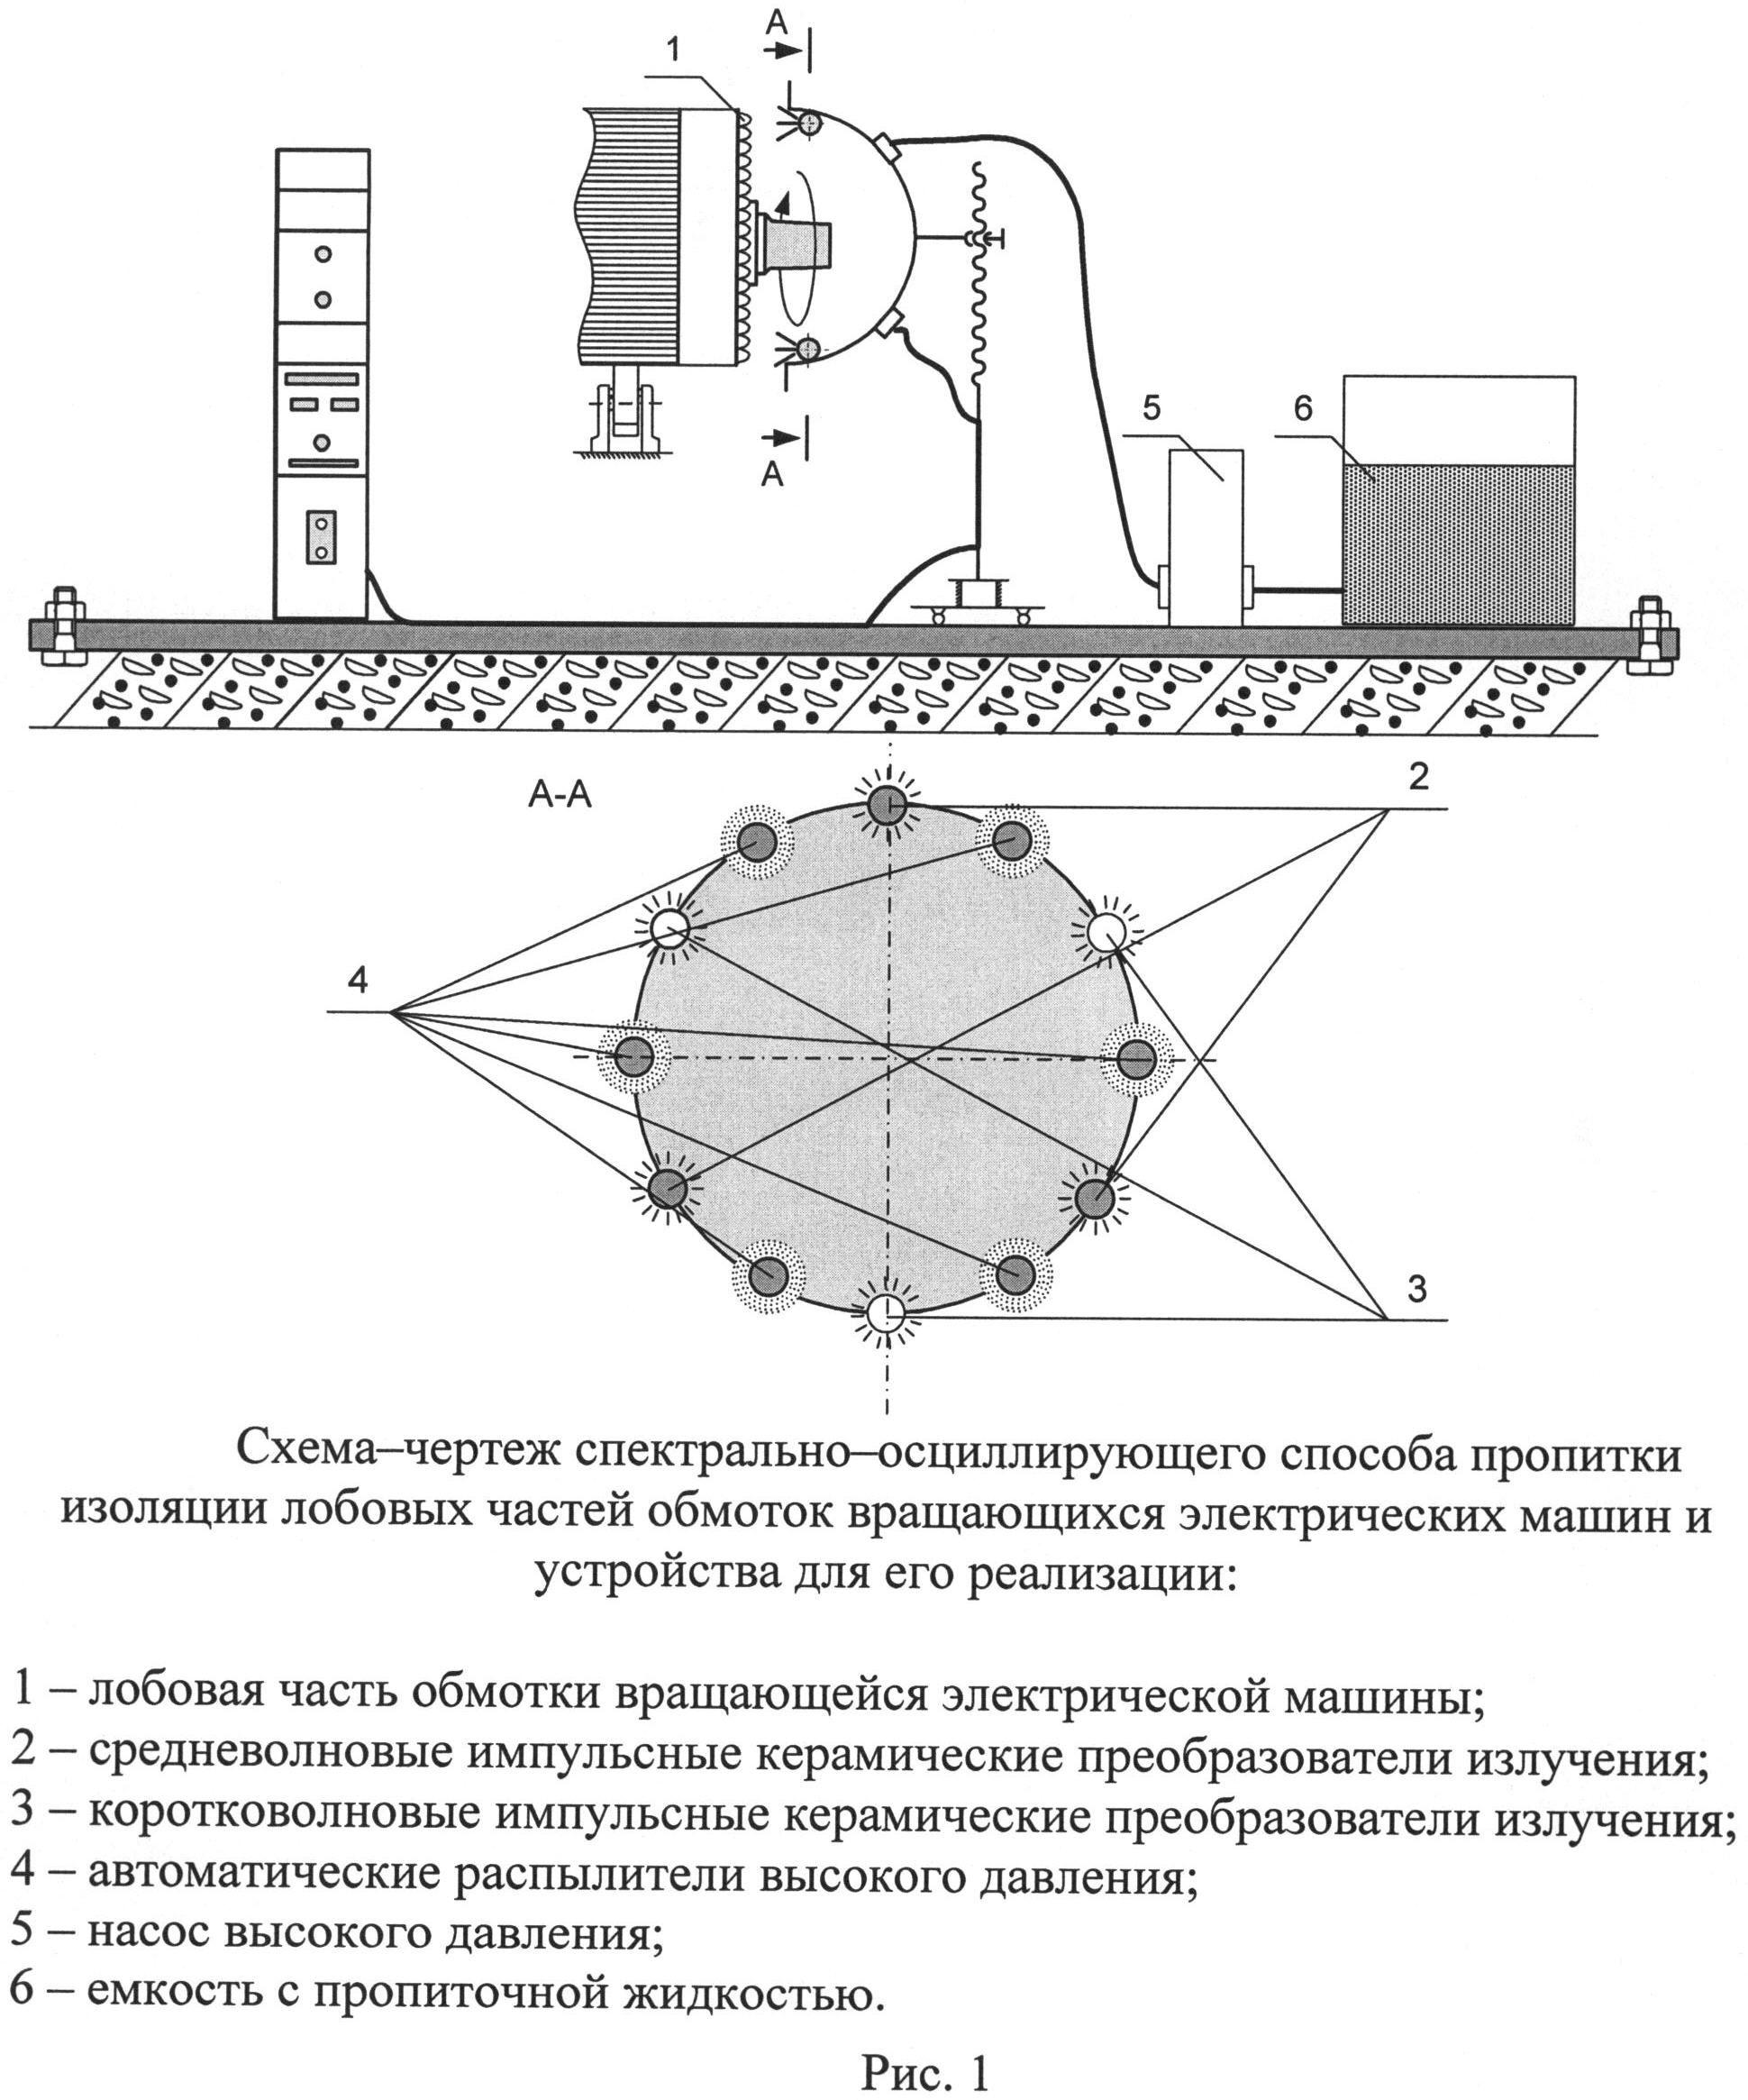 Спектрально-осциллирующий способ пропитки изоляции лобовых частей обмоток вращающихся электрических машин и устройство для его реализации